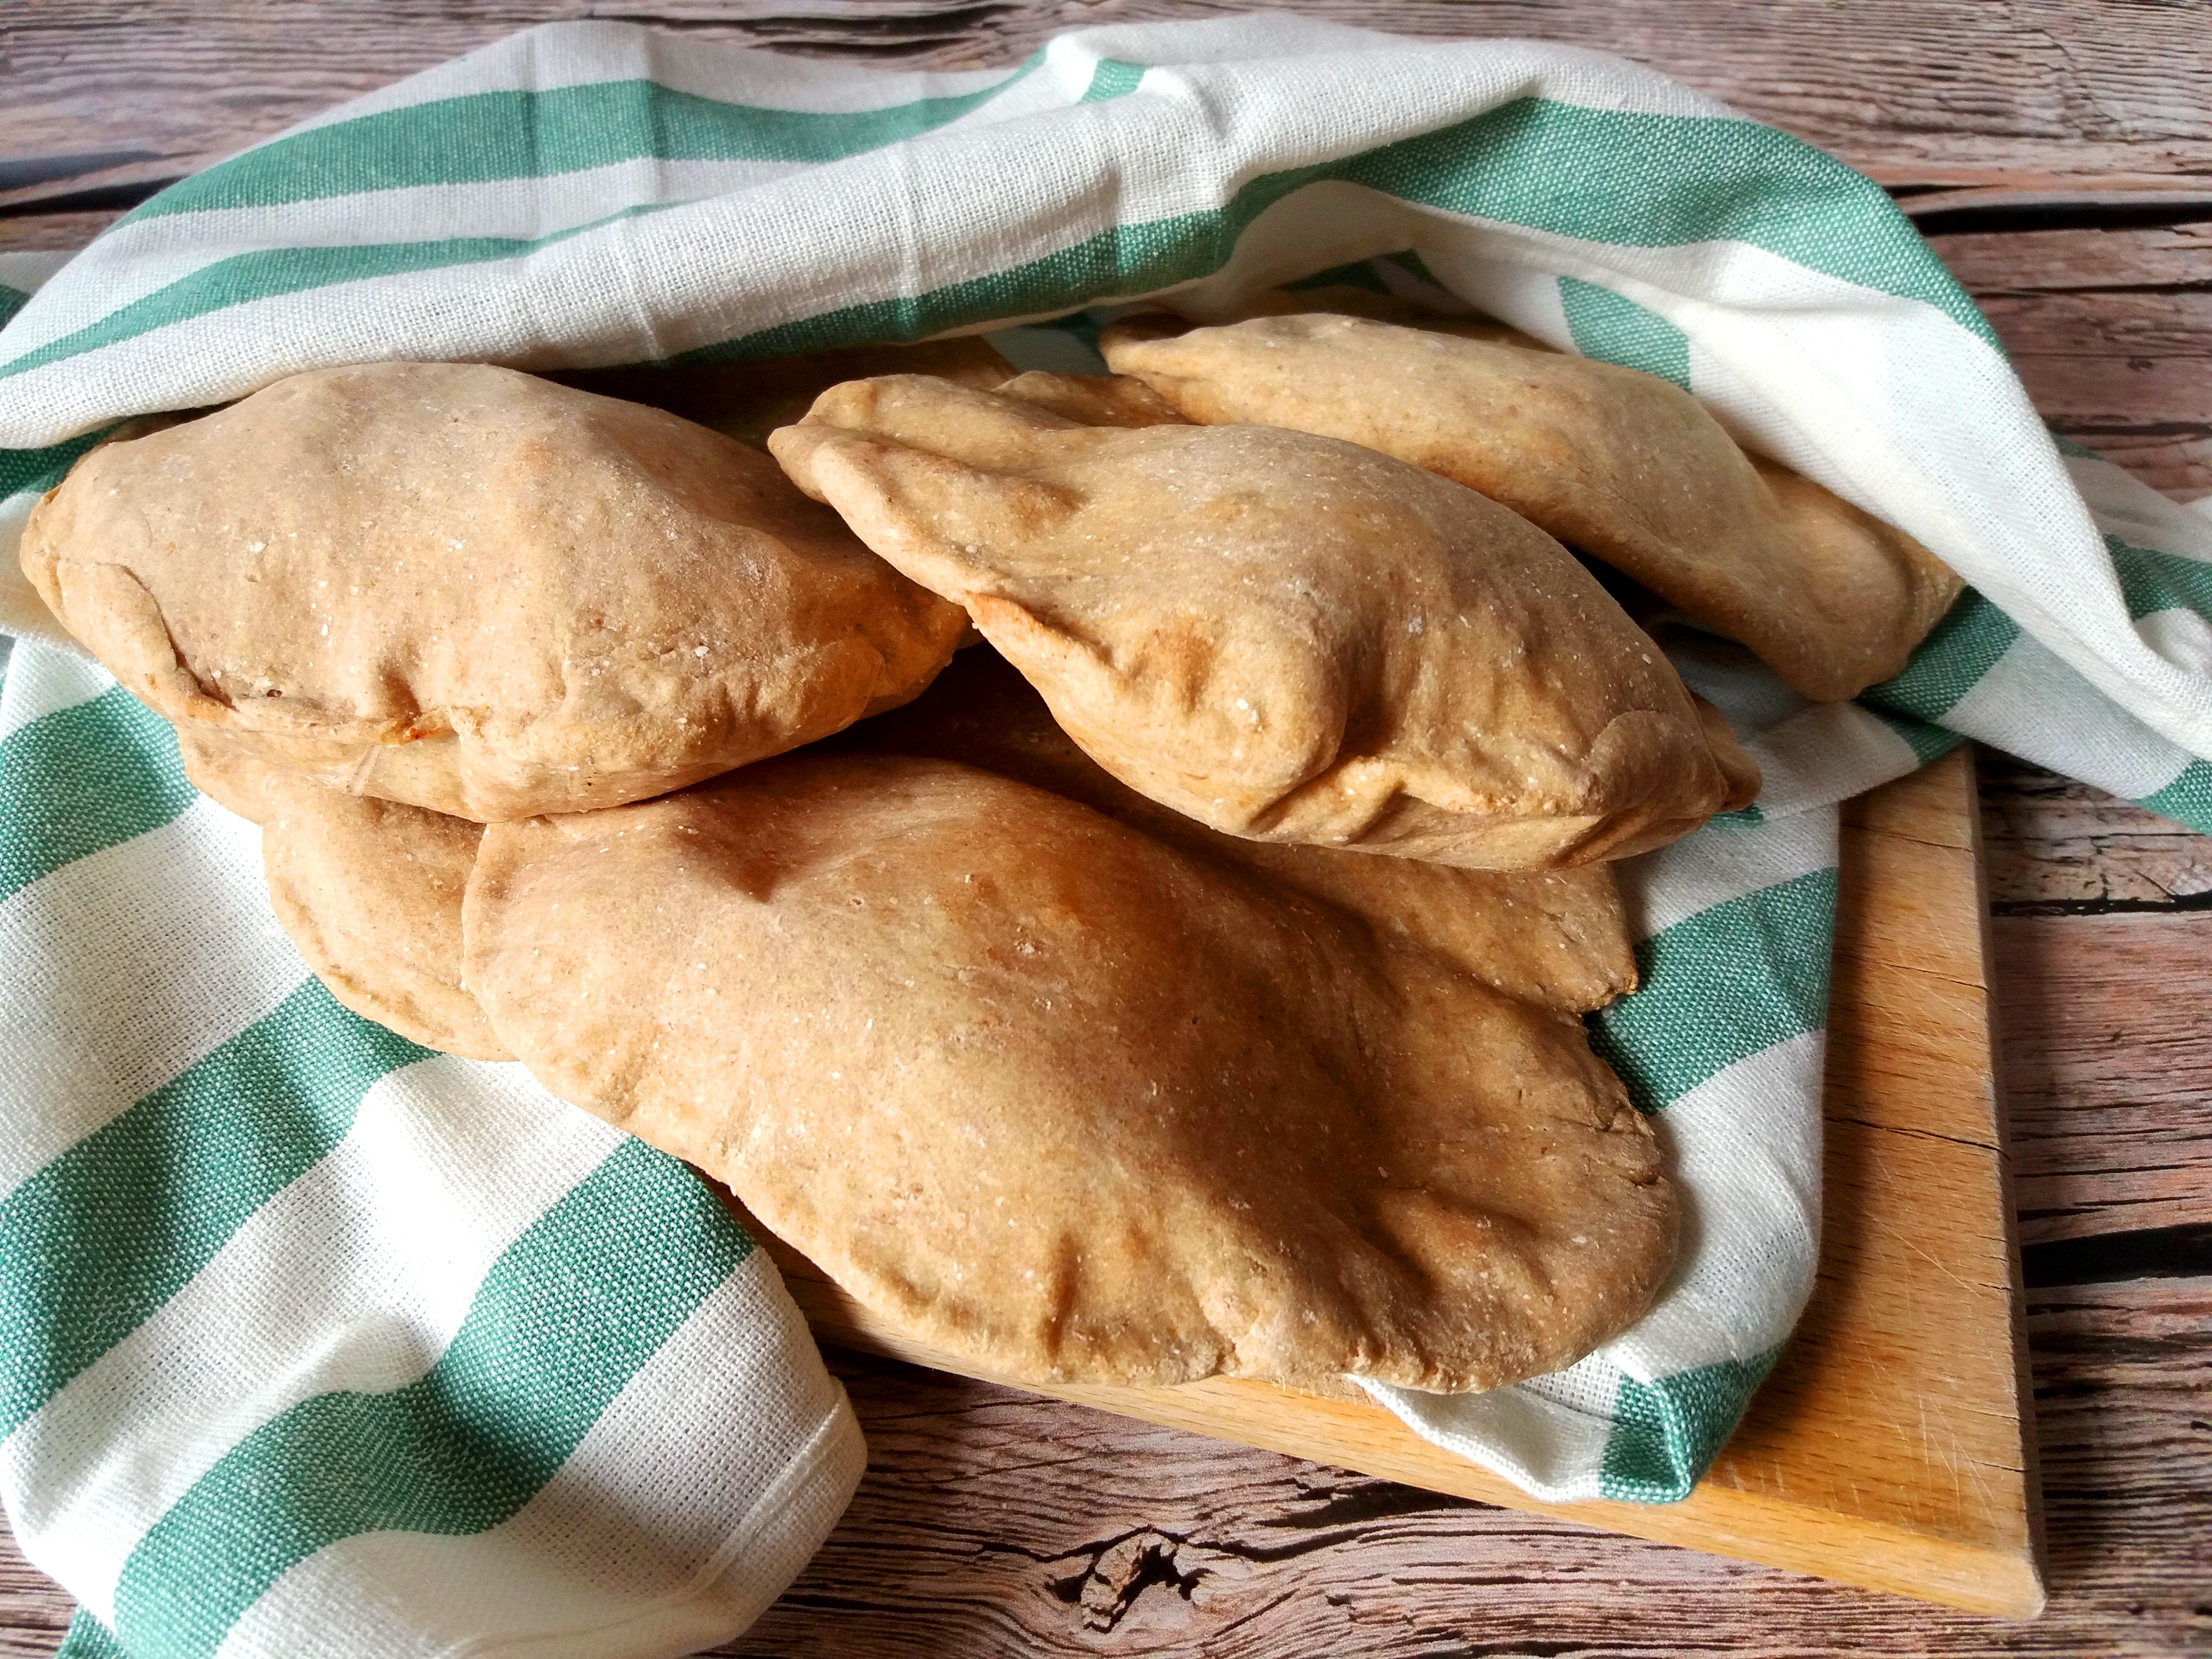 Diétás pita recept szénhidrátcsökkentett lisztből